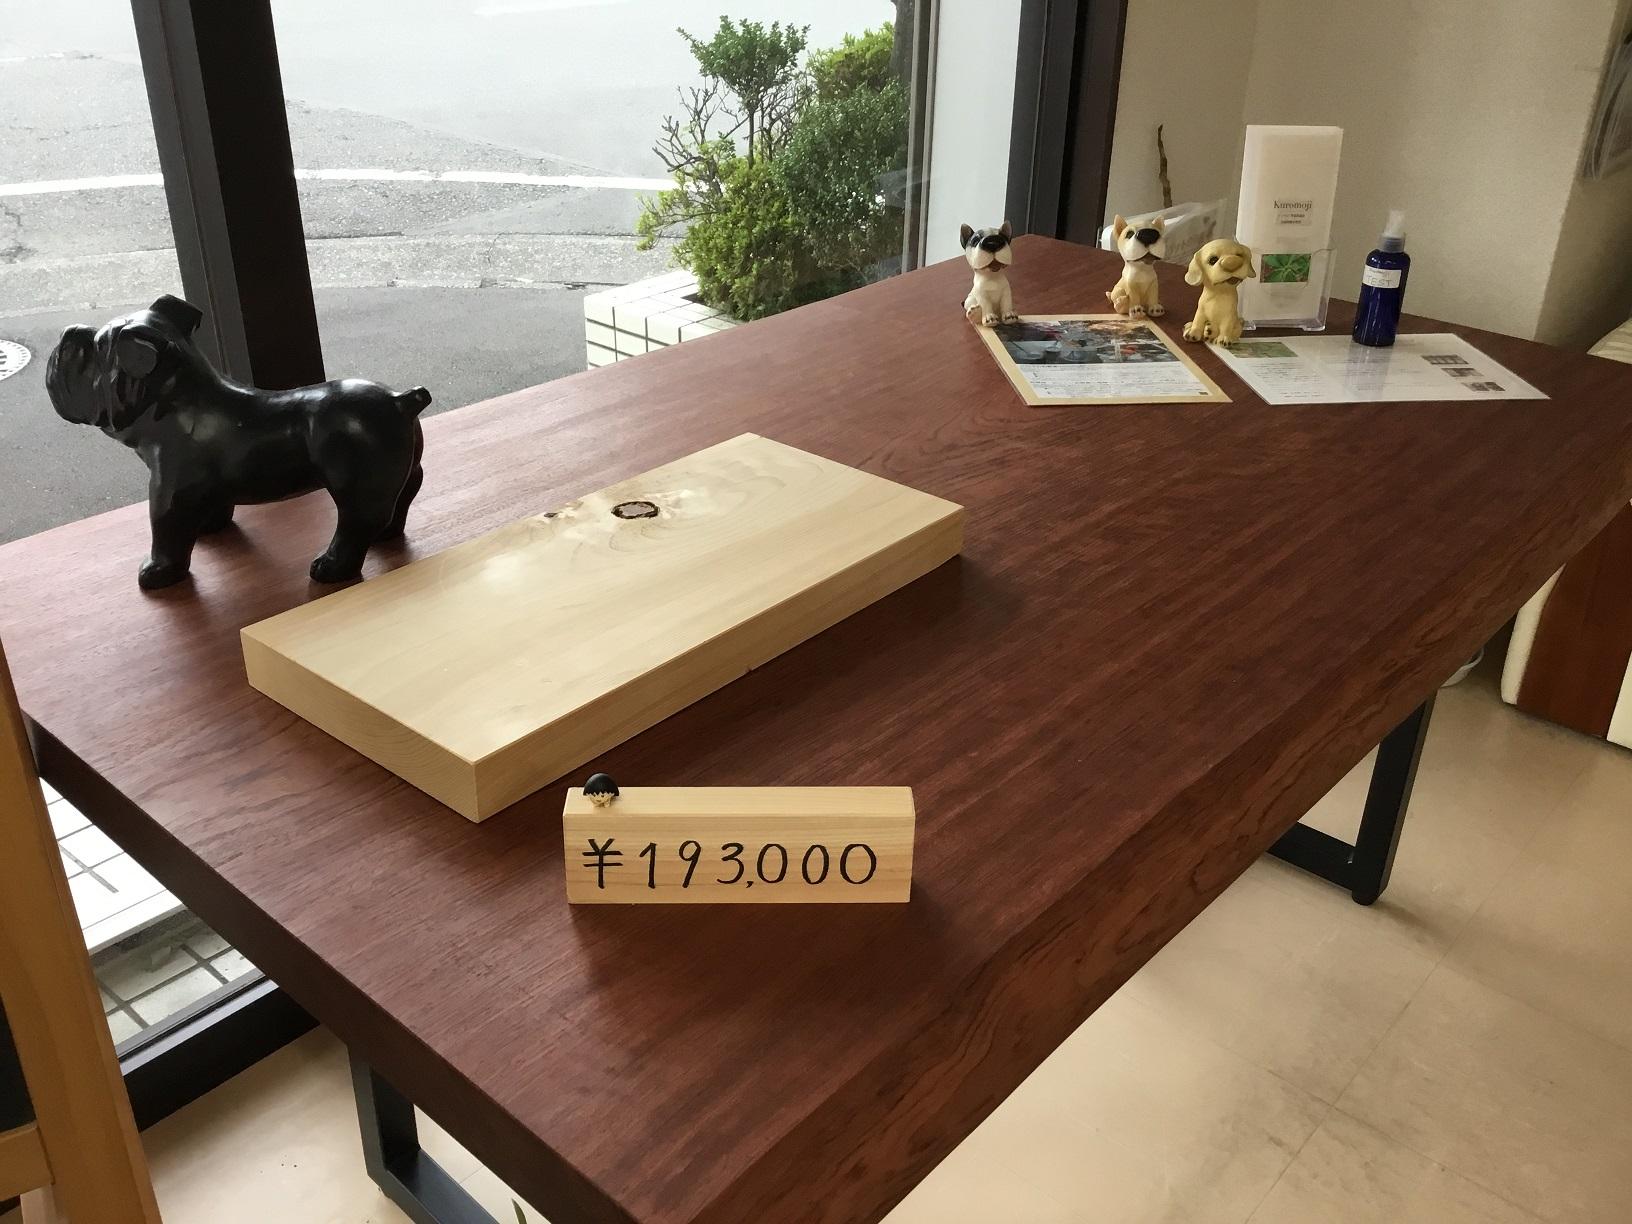 ブビンガ 無垢一枚板ダイニングテーブル